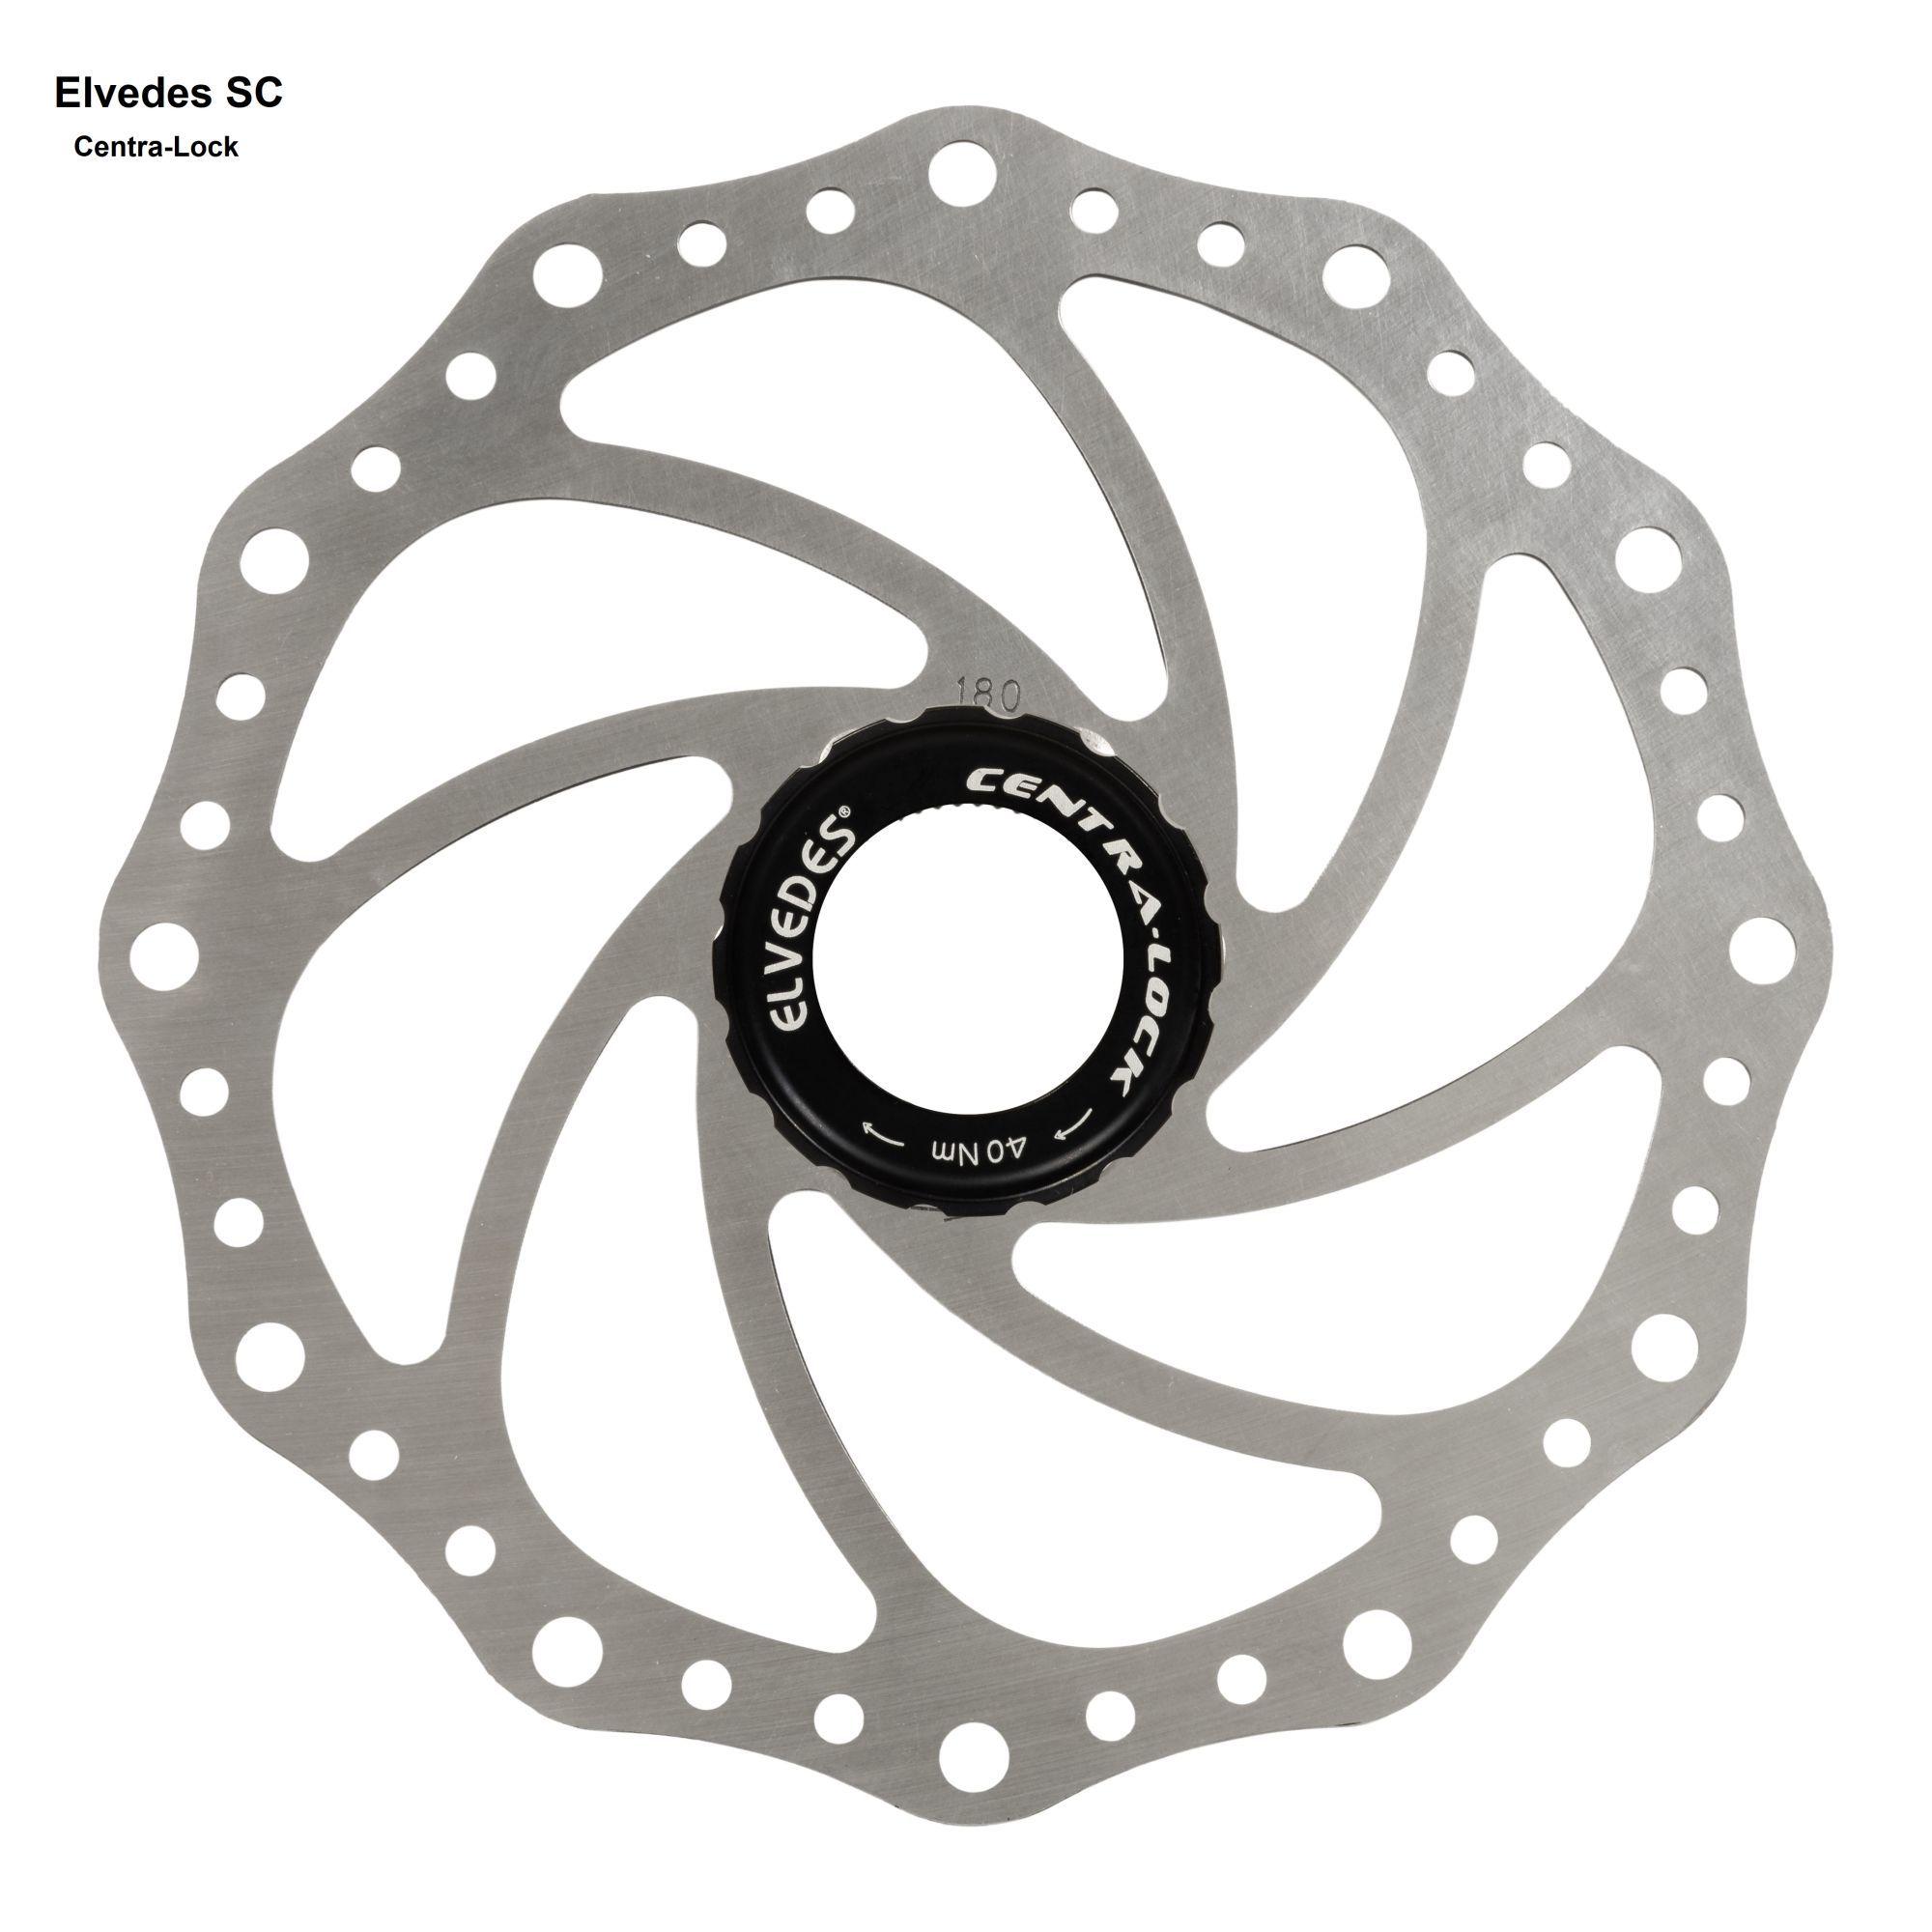 scheibenbremsen/Bremsen: Elvedes  Bremsscheibe SC14 140mm Centra-L